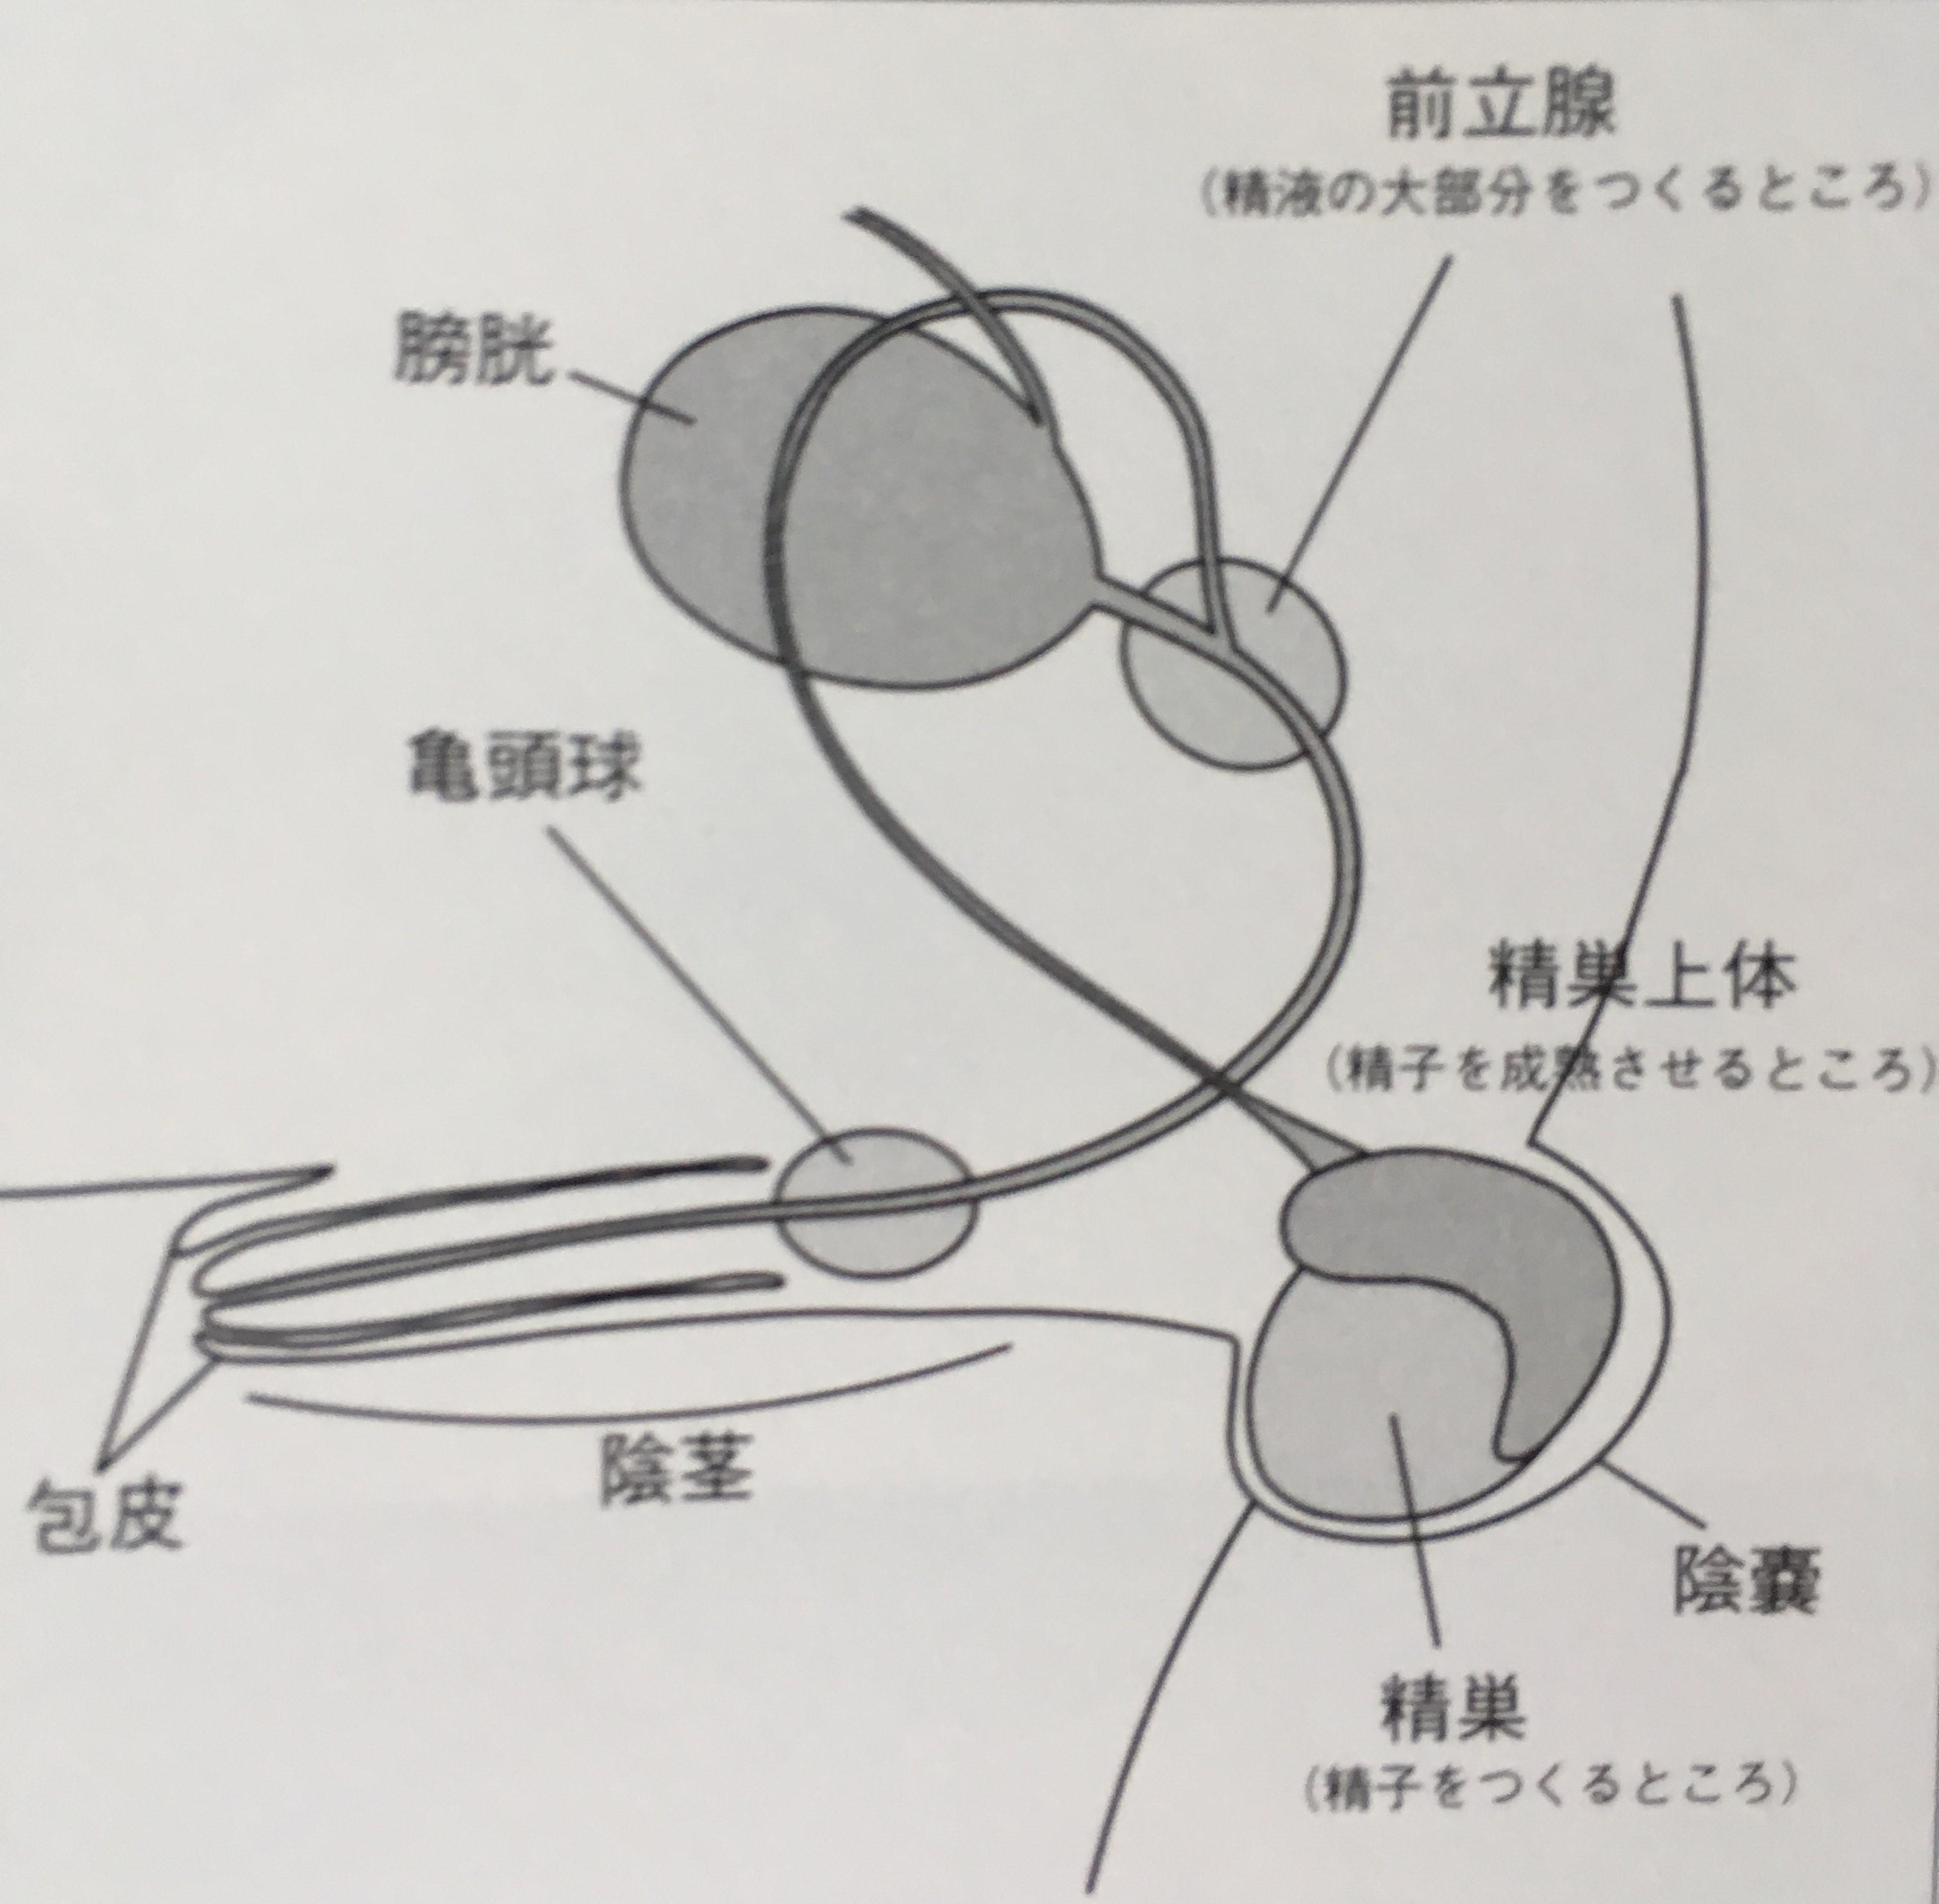 犬の睾丸(精巣)の摘出施術